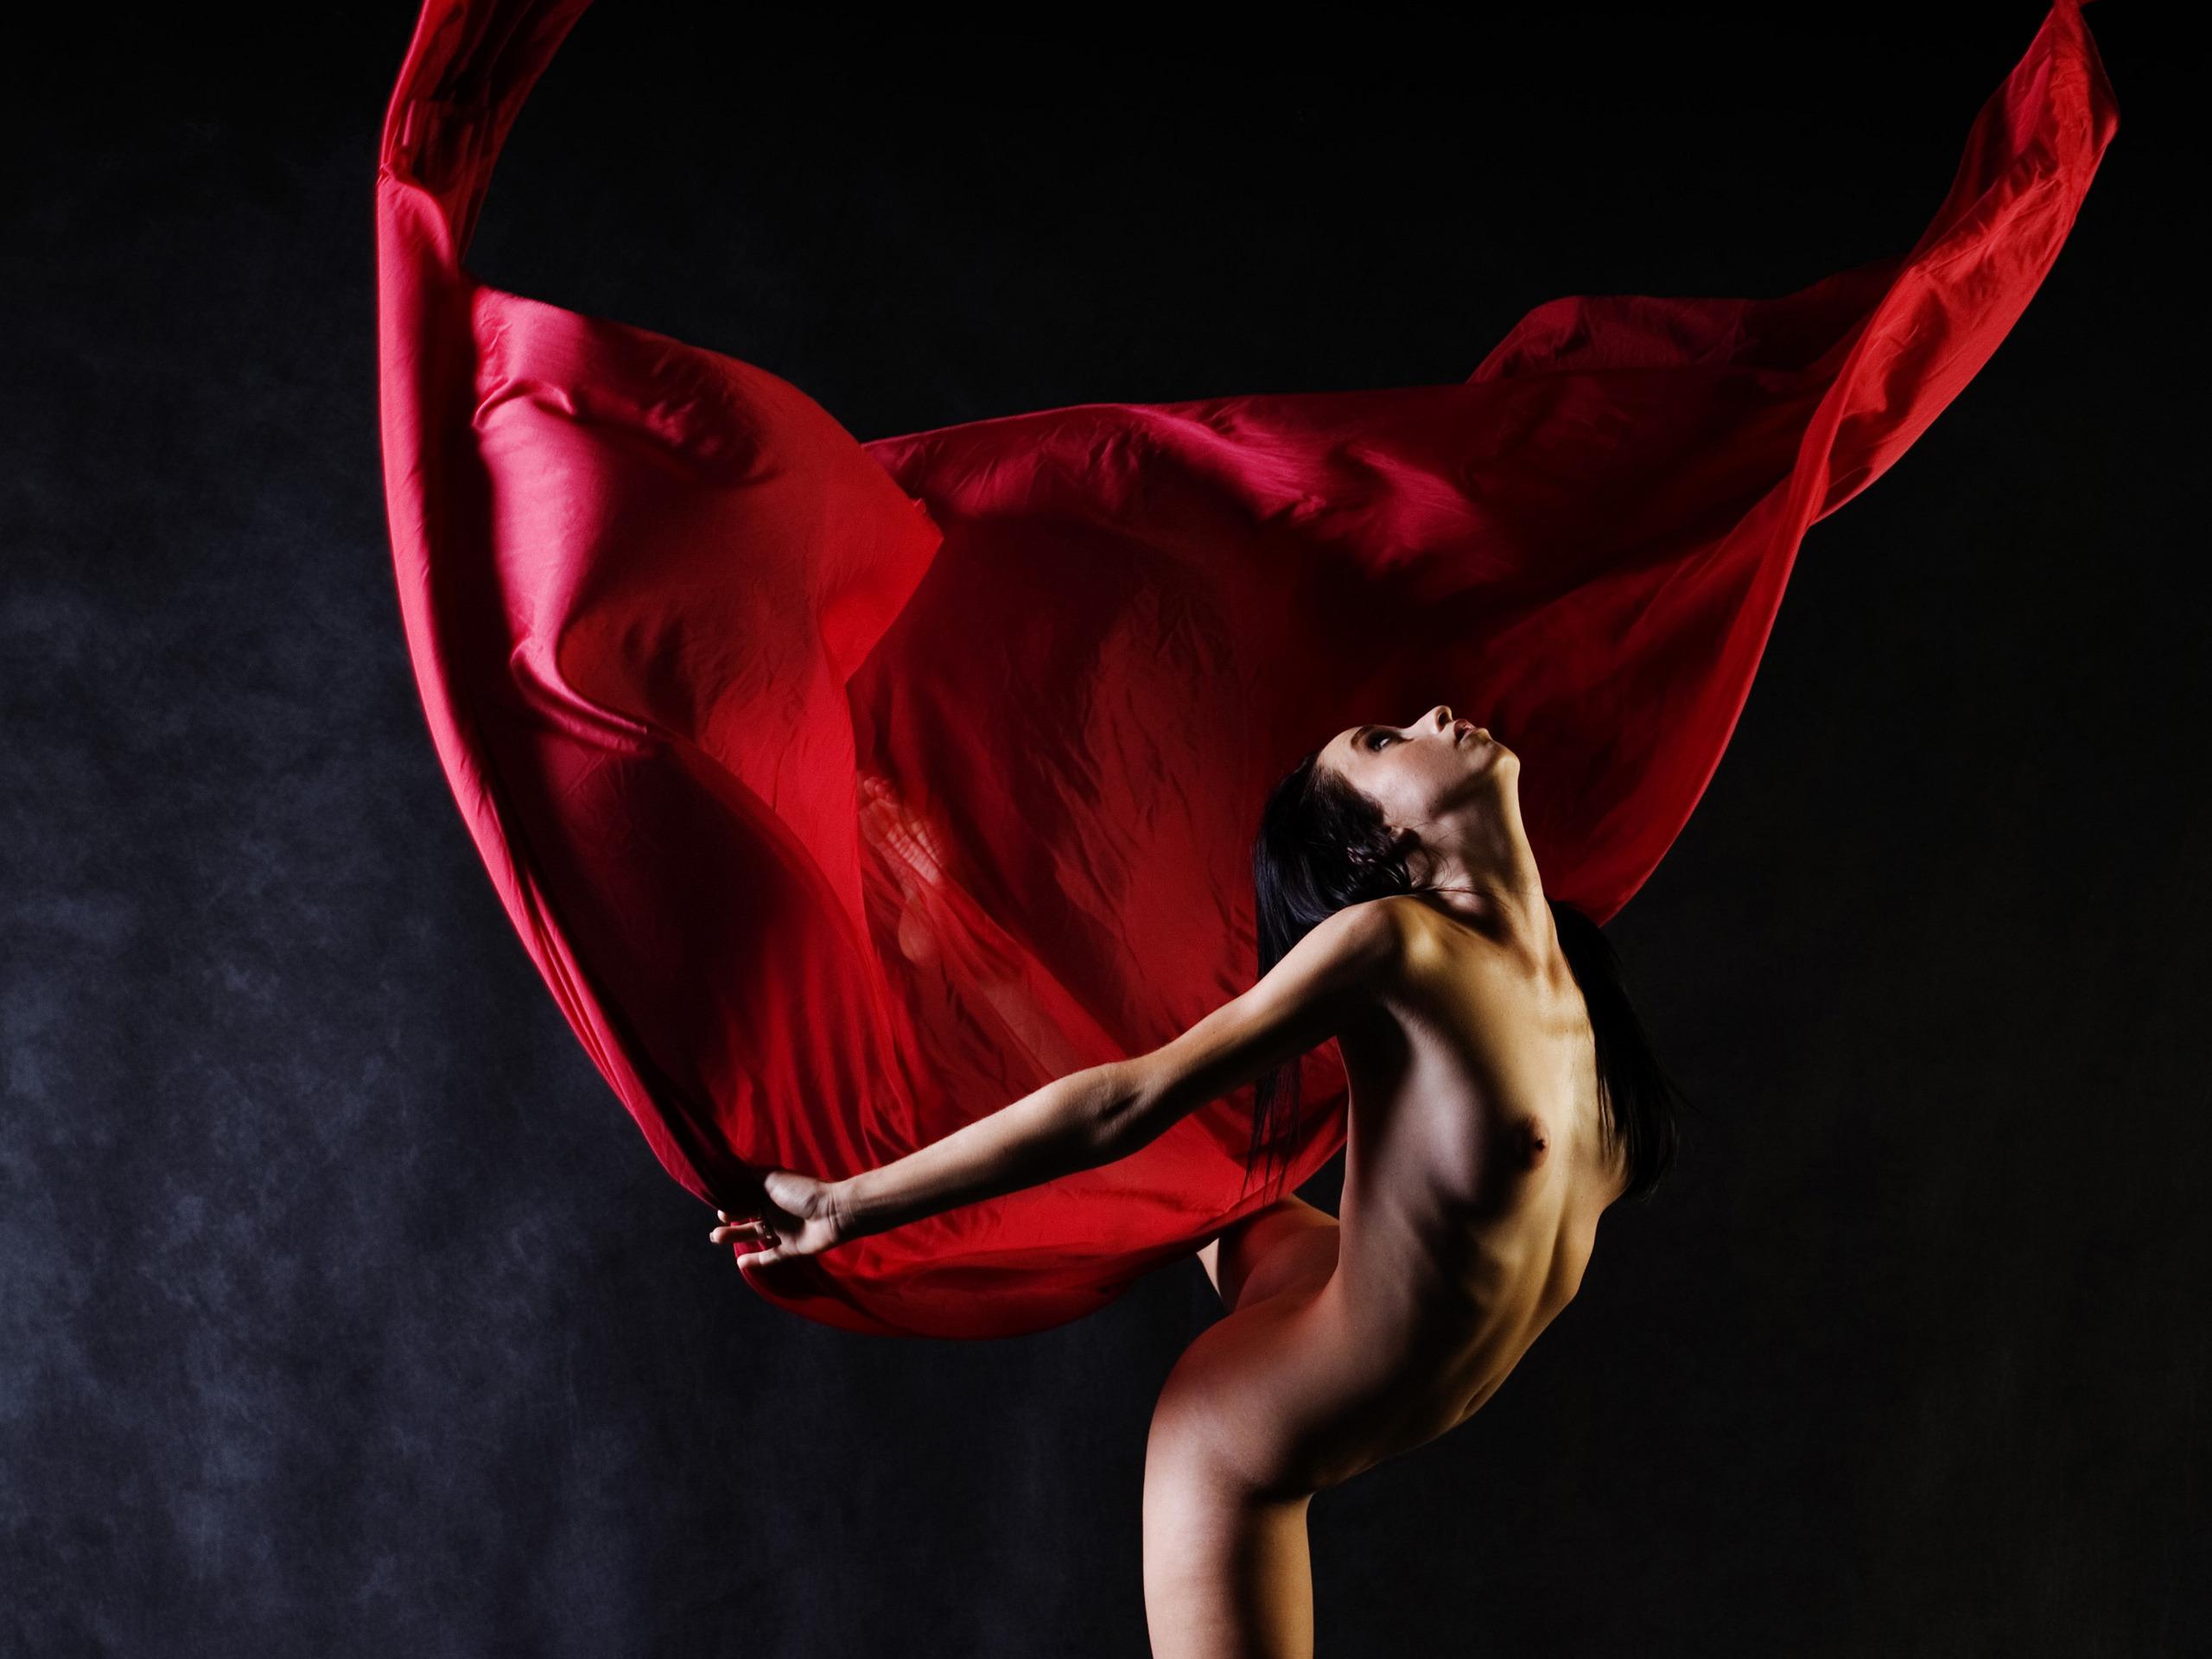 Танец живота эротика, Танец живота - смотреть порно онлайн или скачать 21 фотография